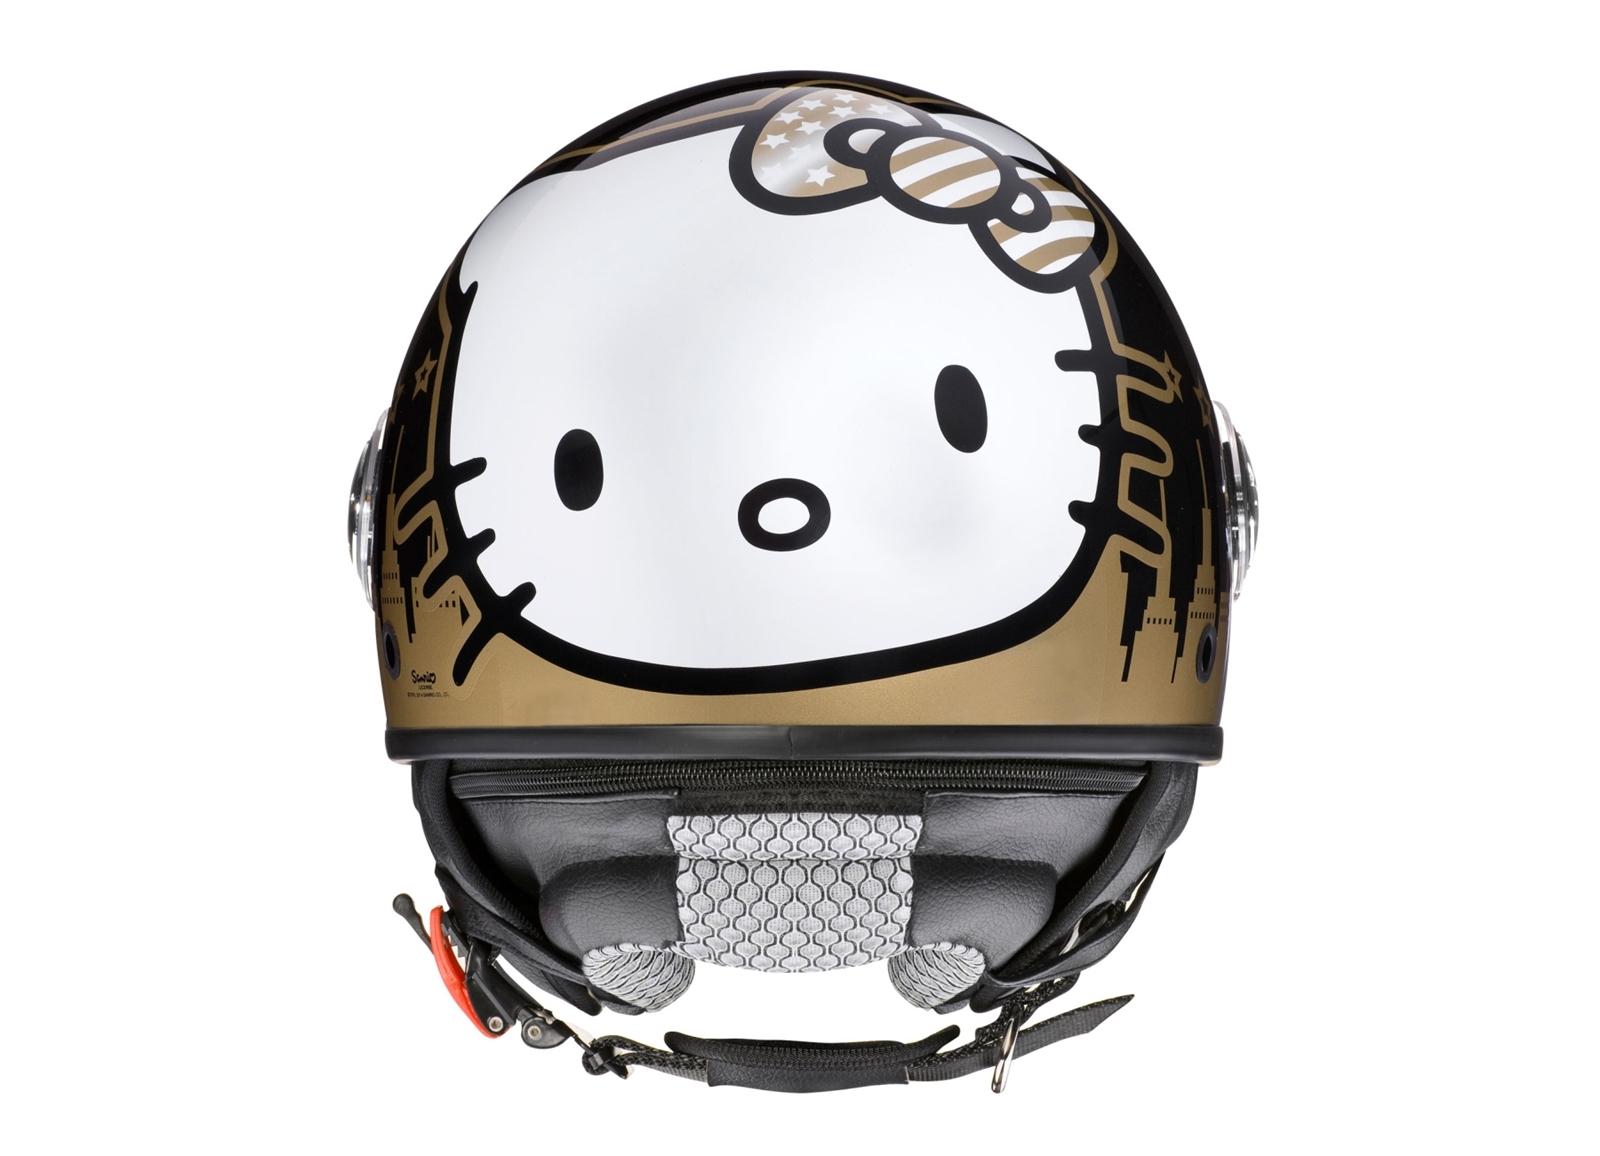 Foto de Colección de cascos jet Hello Kitty de AXO (7/12)